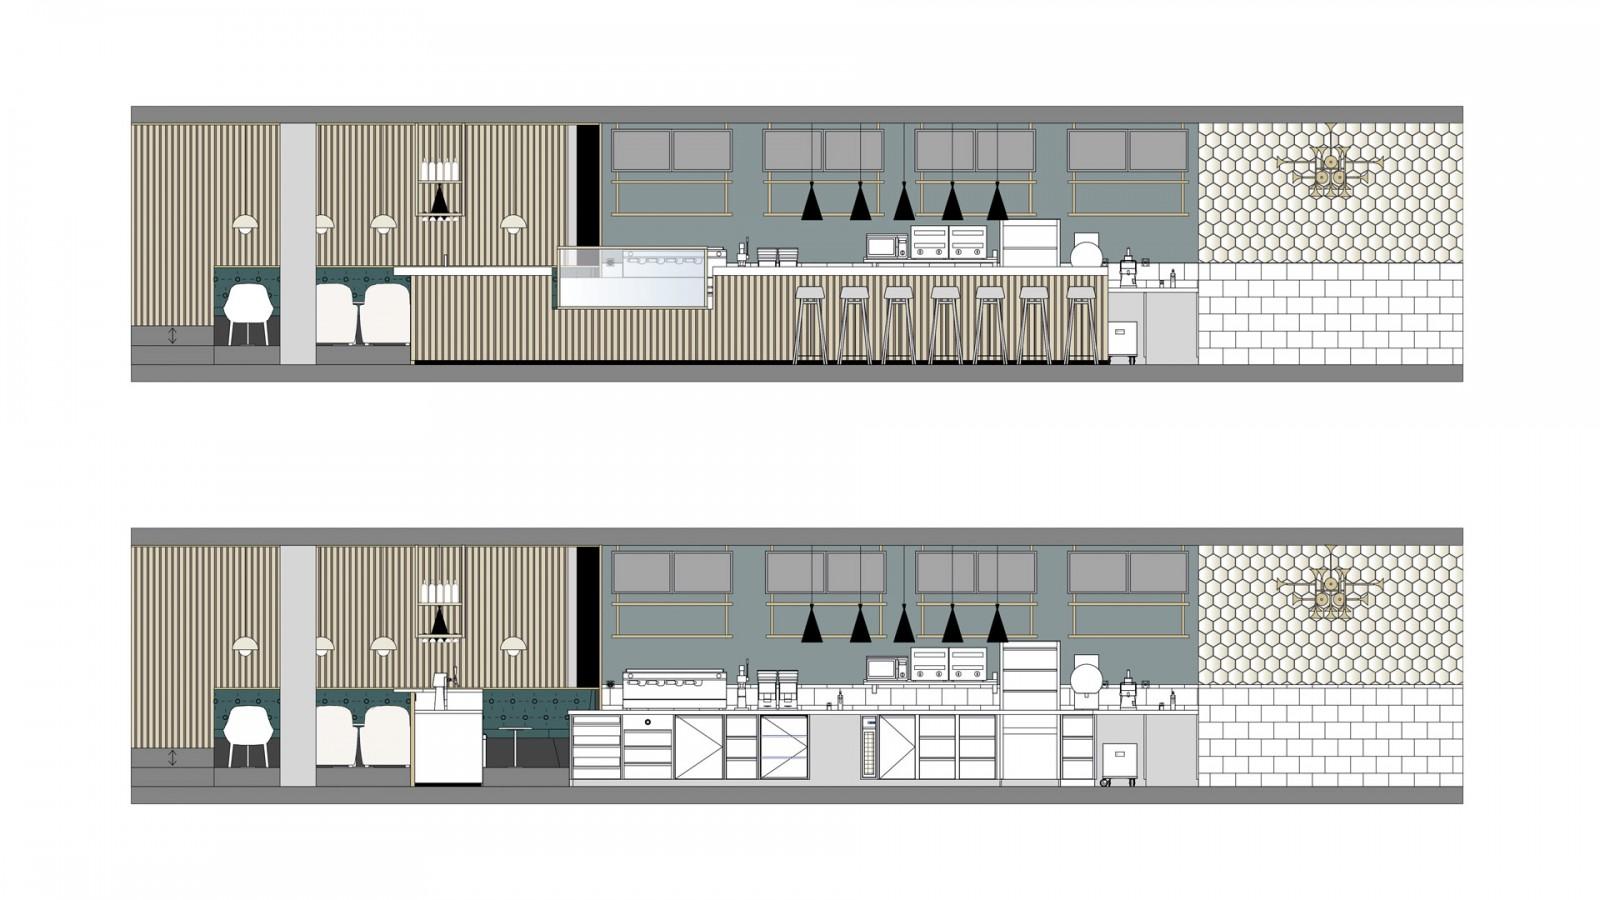 The studio dyer smith frey interior branding zurich Free retail store interior design software